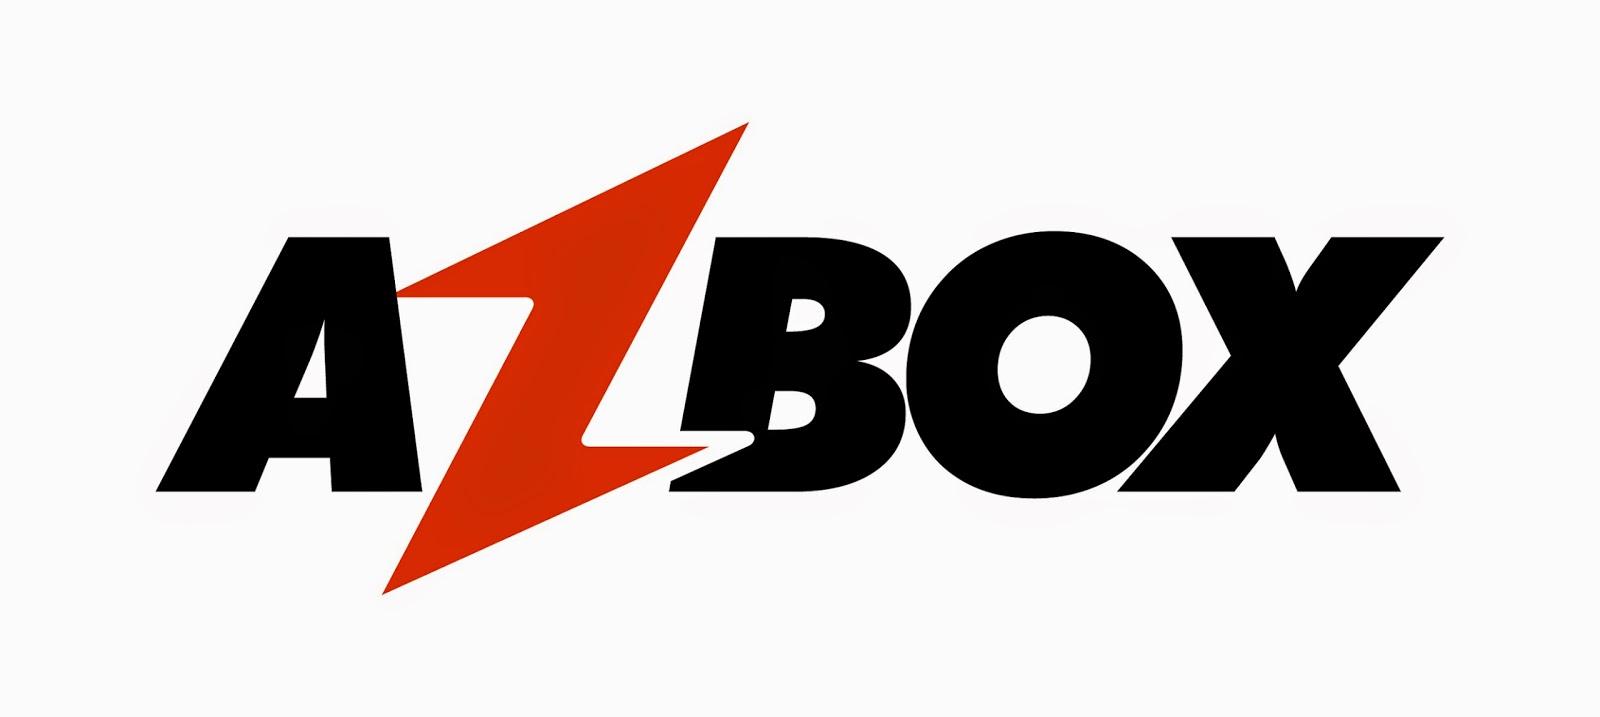 COMUNICADO OFICIAL AZBOX SOBRE O RETORNO DO ADM TROMPY COMFIRAM Azbox%2Blogo